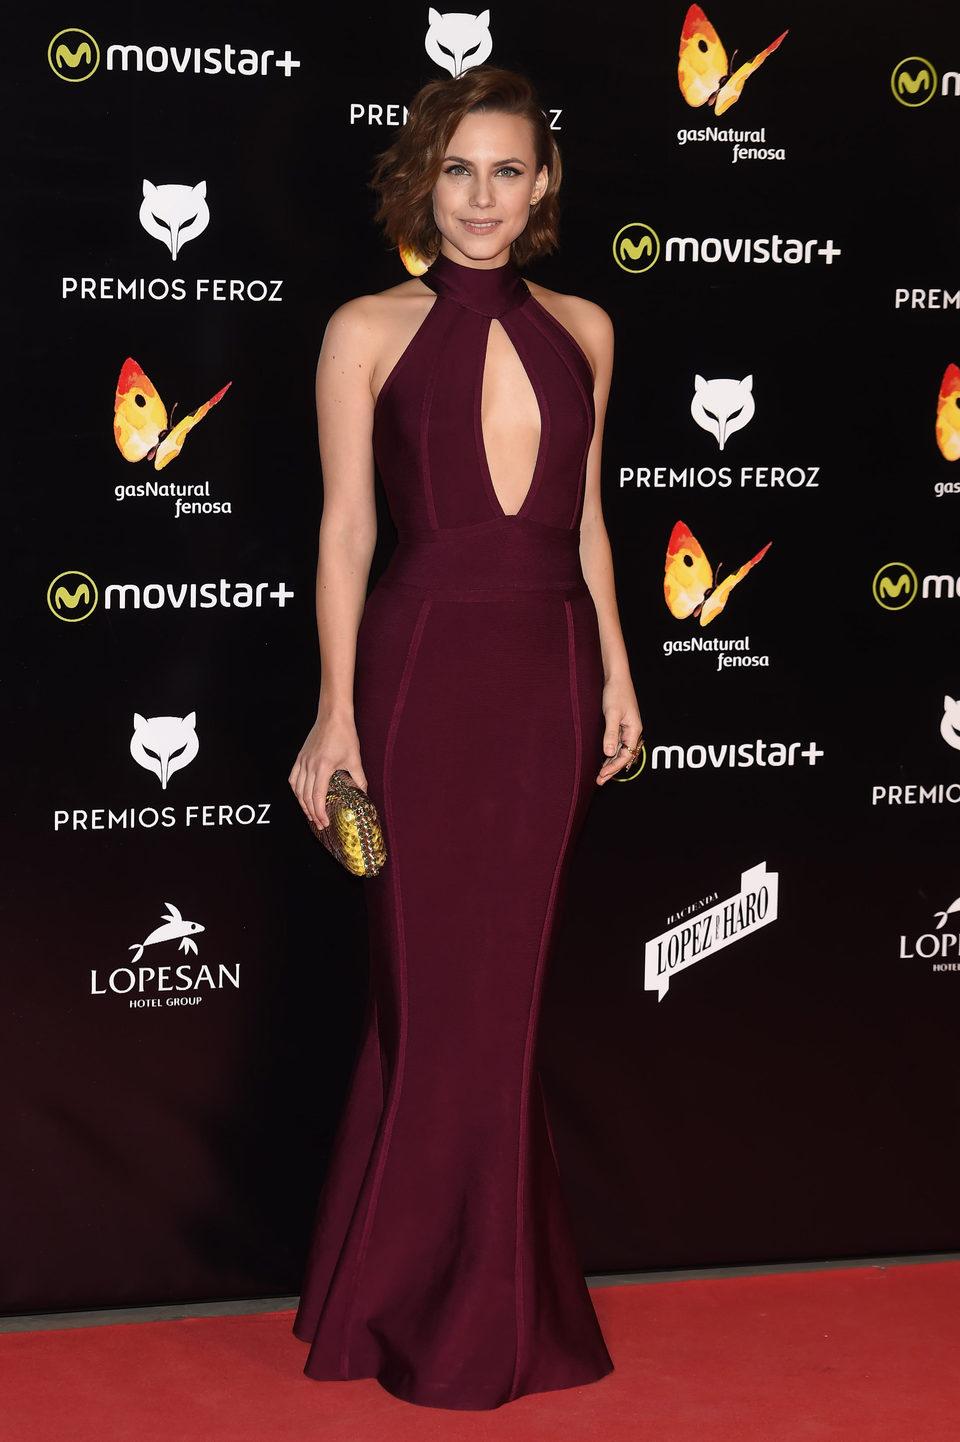 Aura Garrido en la alfombra roja de los Premios Feroz 2016